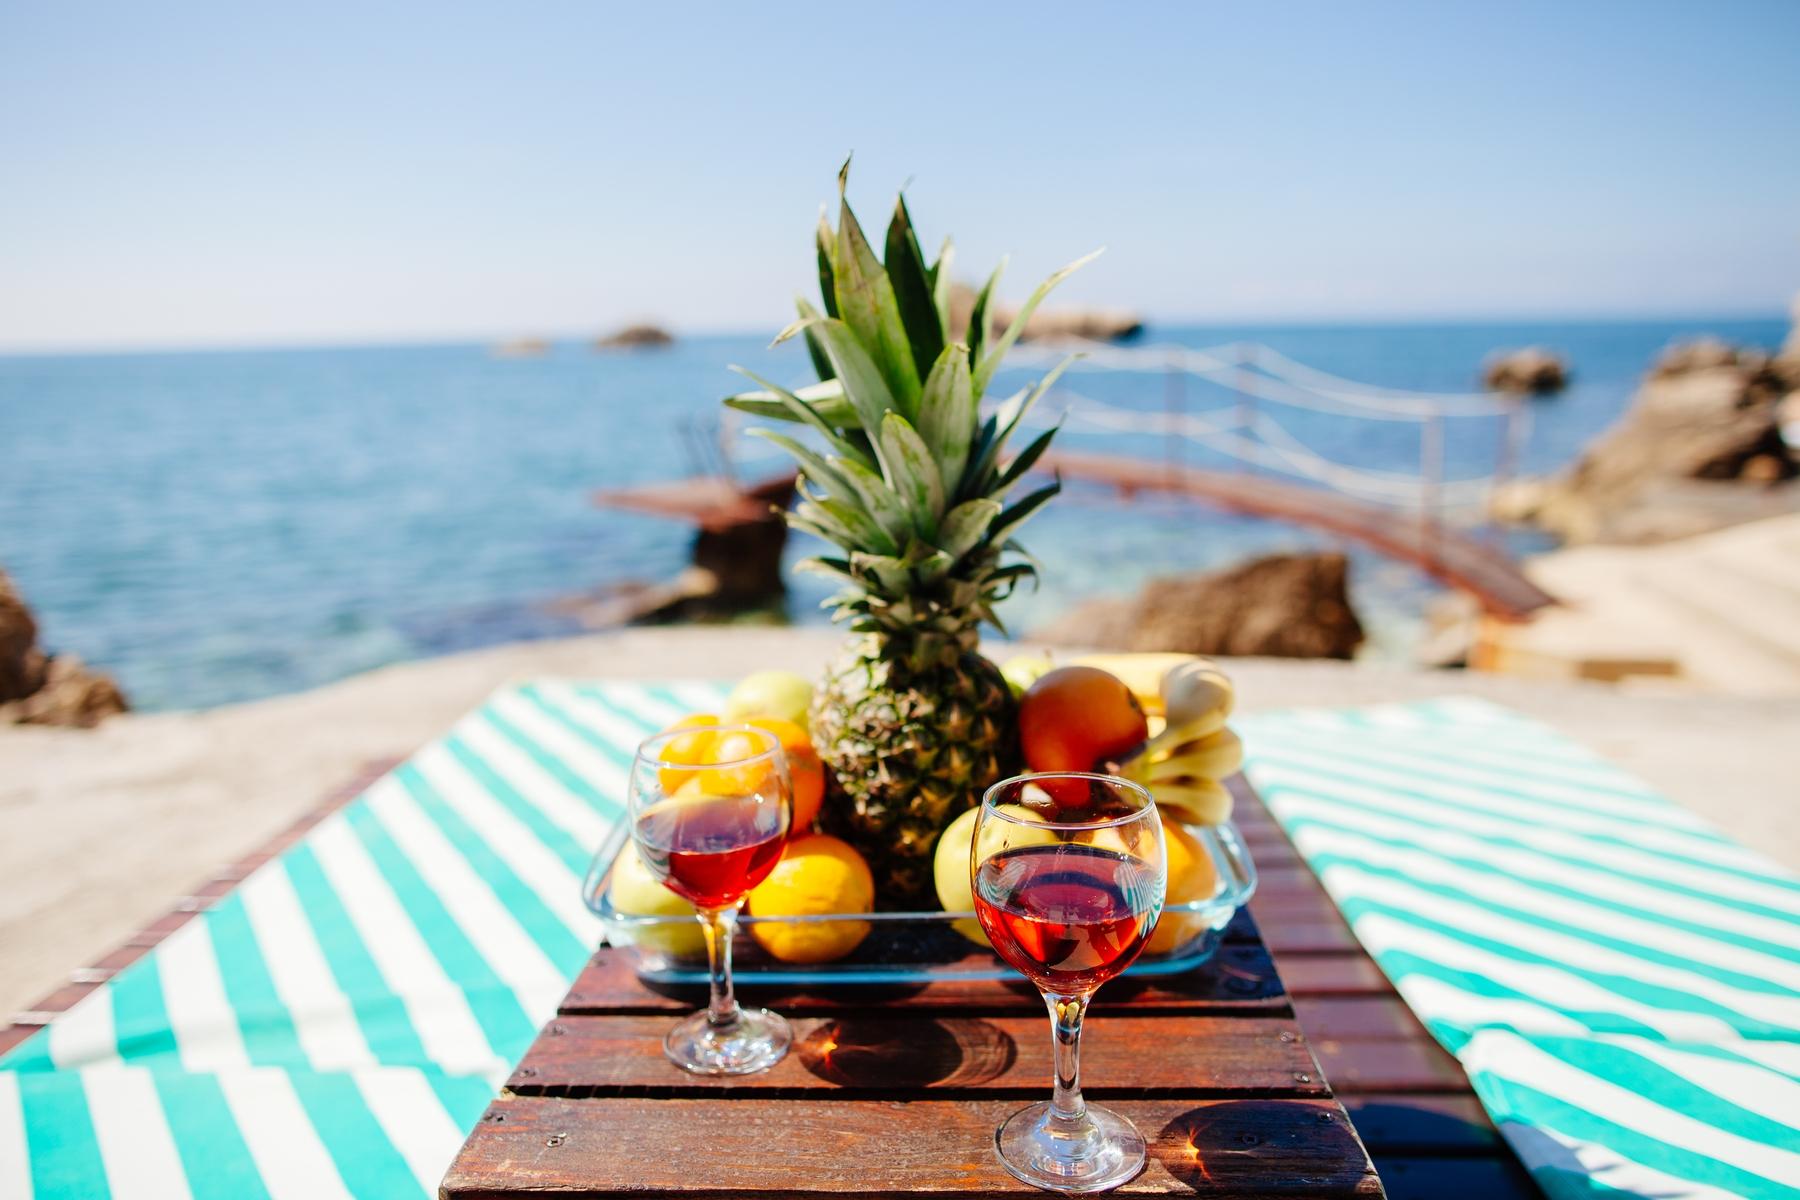 На море в Черногории можно отдыхать без визы 90 дней в период с 1 апреля по 31 октября